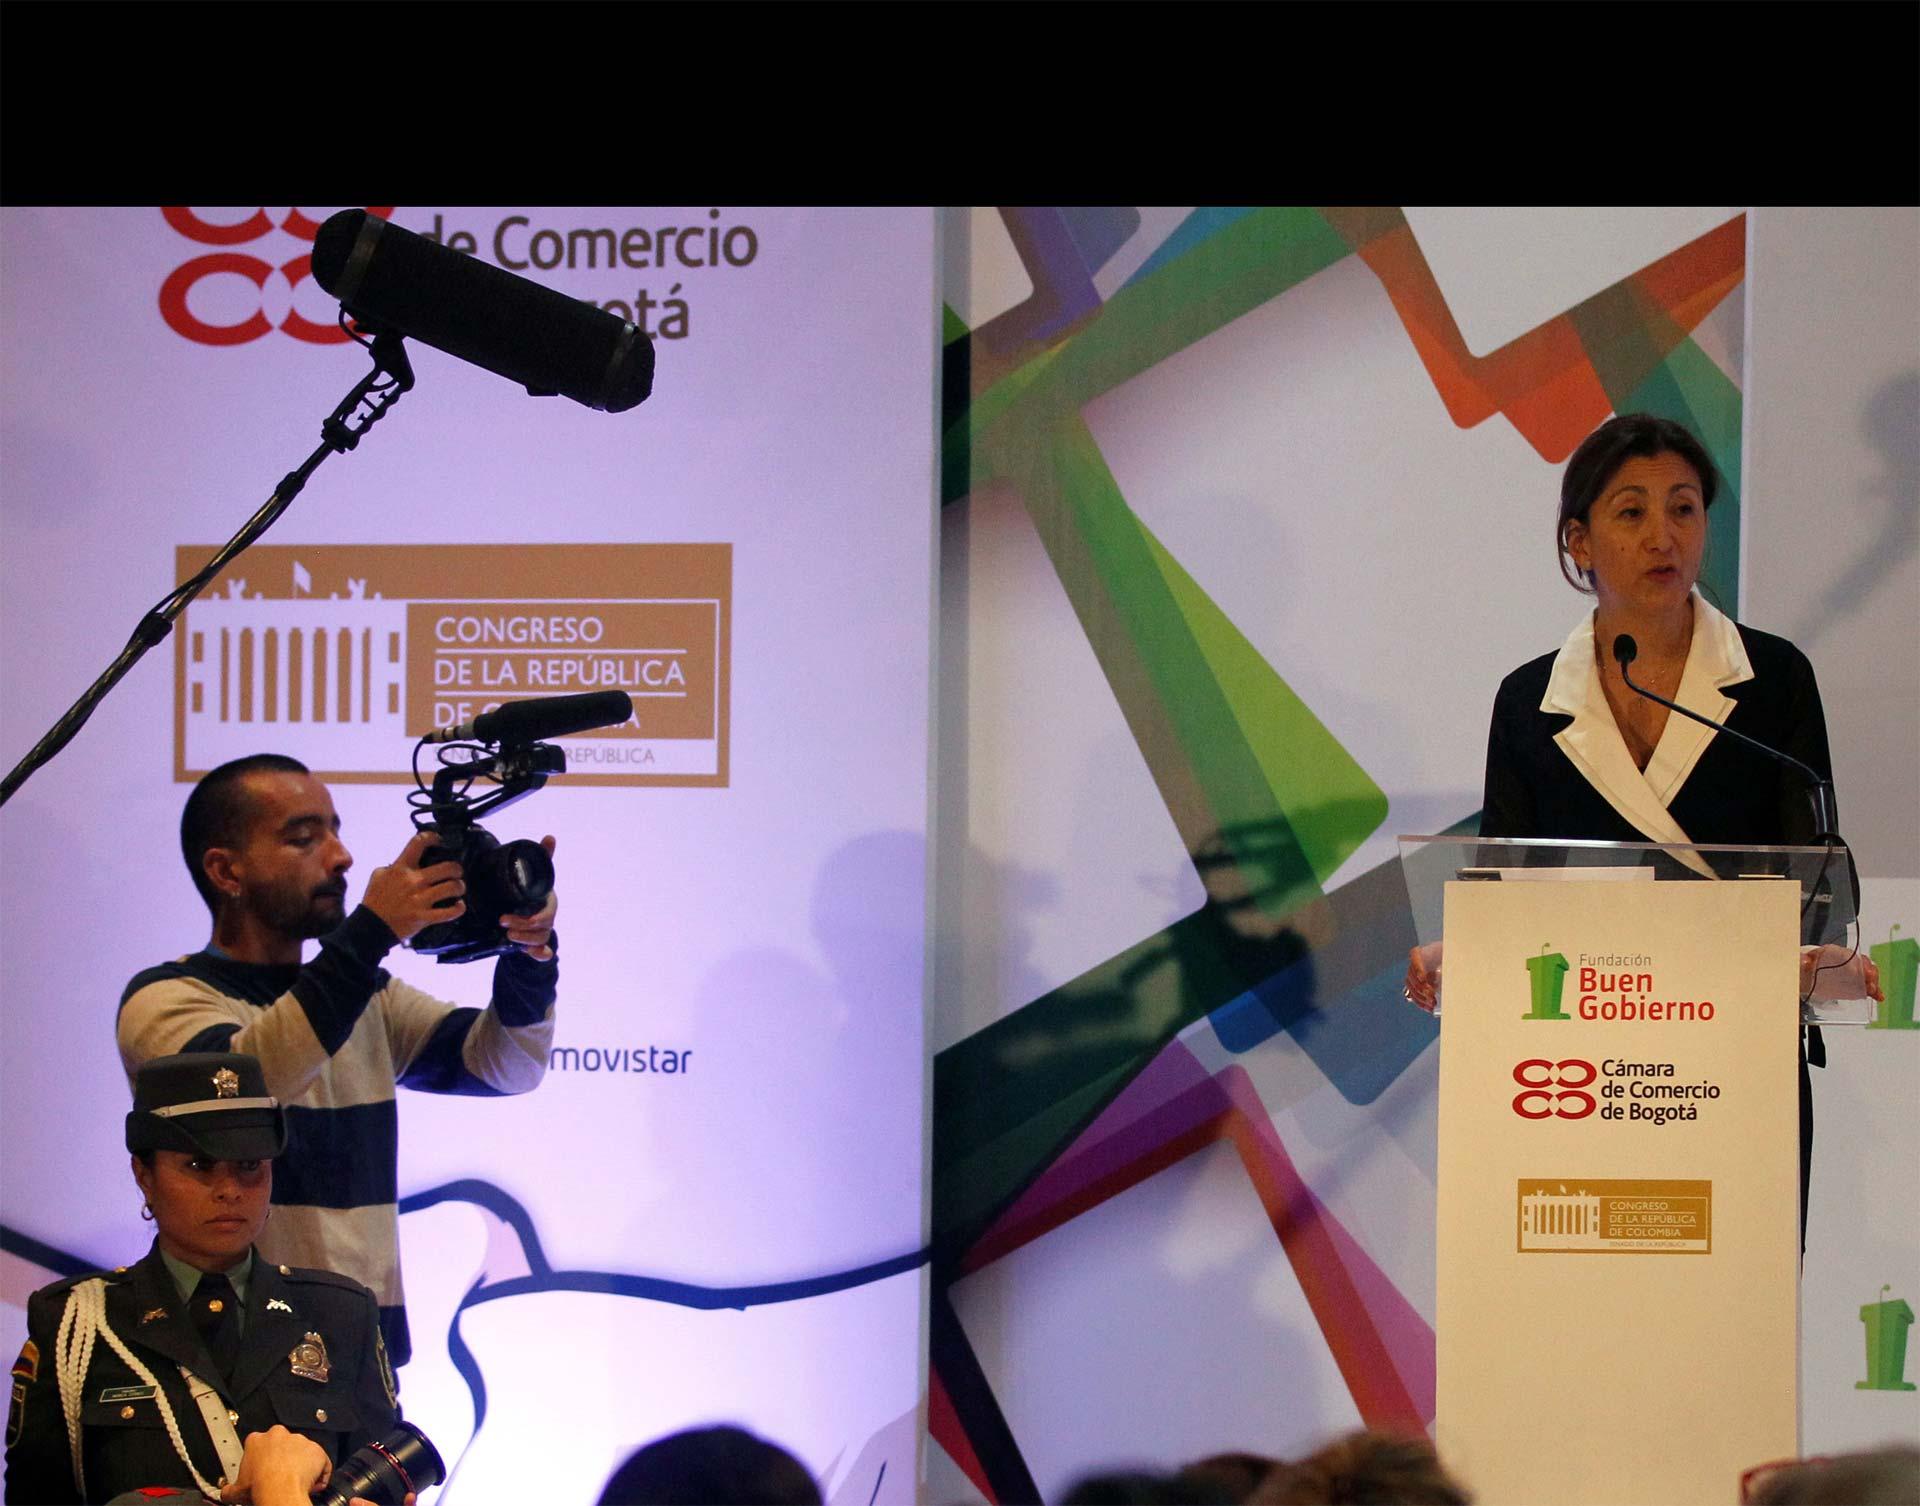 Betancourt, ex candidata presidencial que estuvo secuestrada por las FARC, defendió las negociaciones